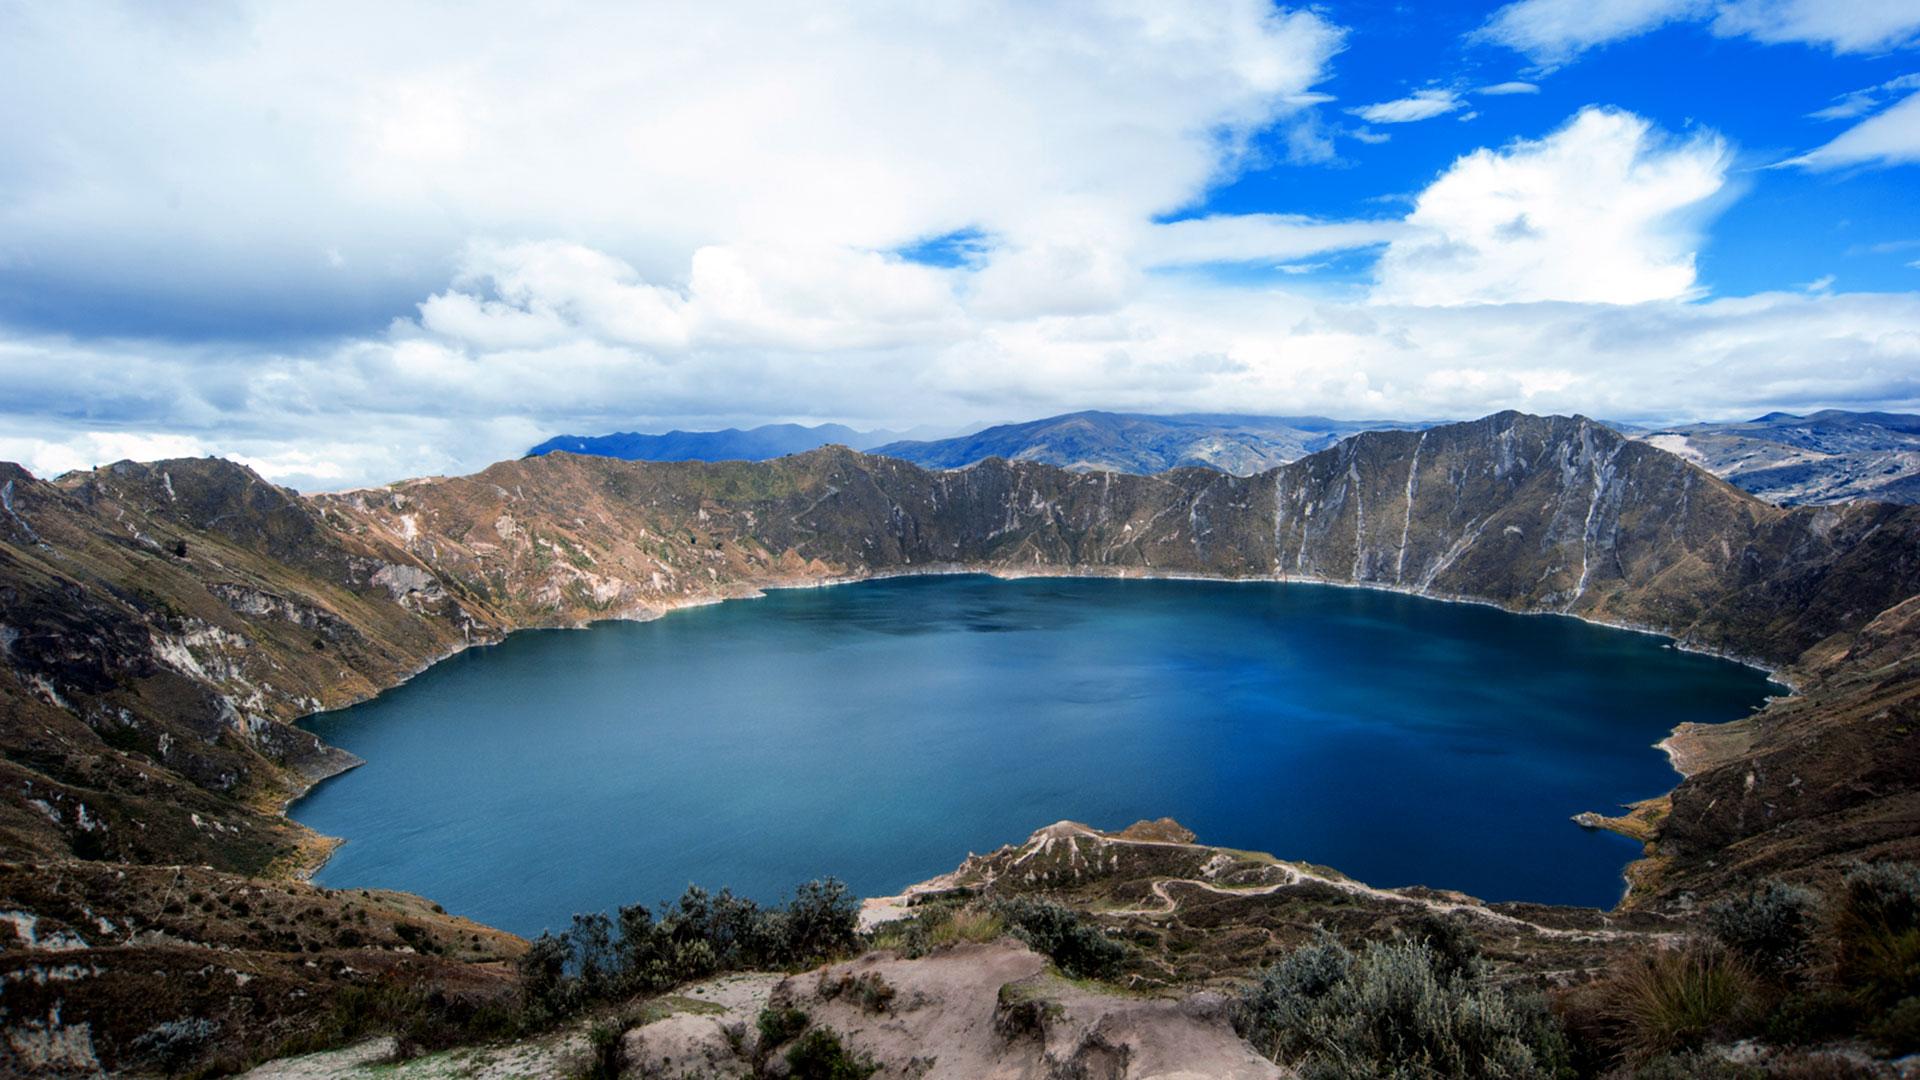 Mindo, Otavalo, Quilotoa, Ecuador, Volcanoes, Ecuador Tours, Travel Agency, Tailor Made Tours